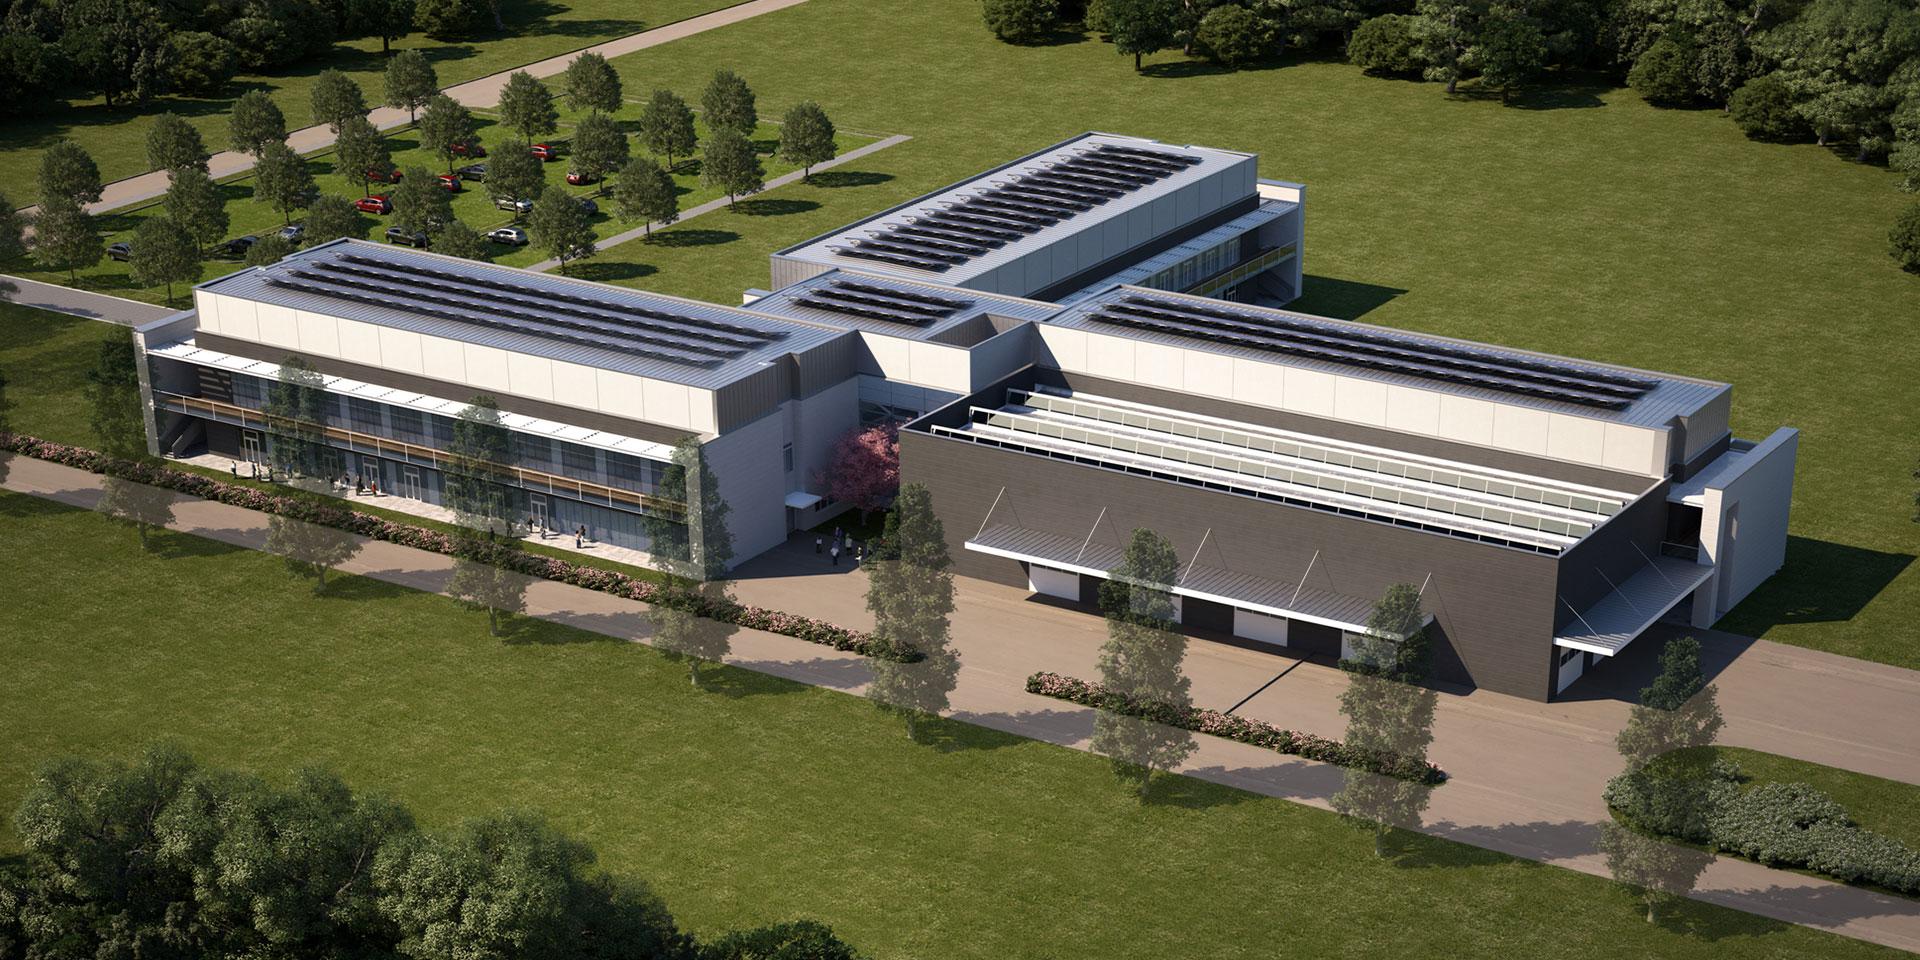 Nuovo Tecnopolo Regionale presso l'Università di Parma, Binini Partners, Società di architettura e ingegneria